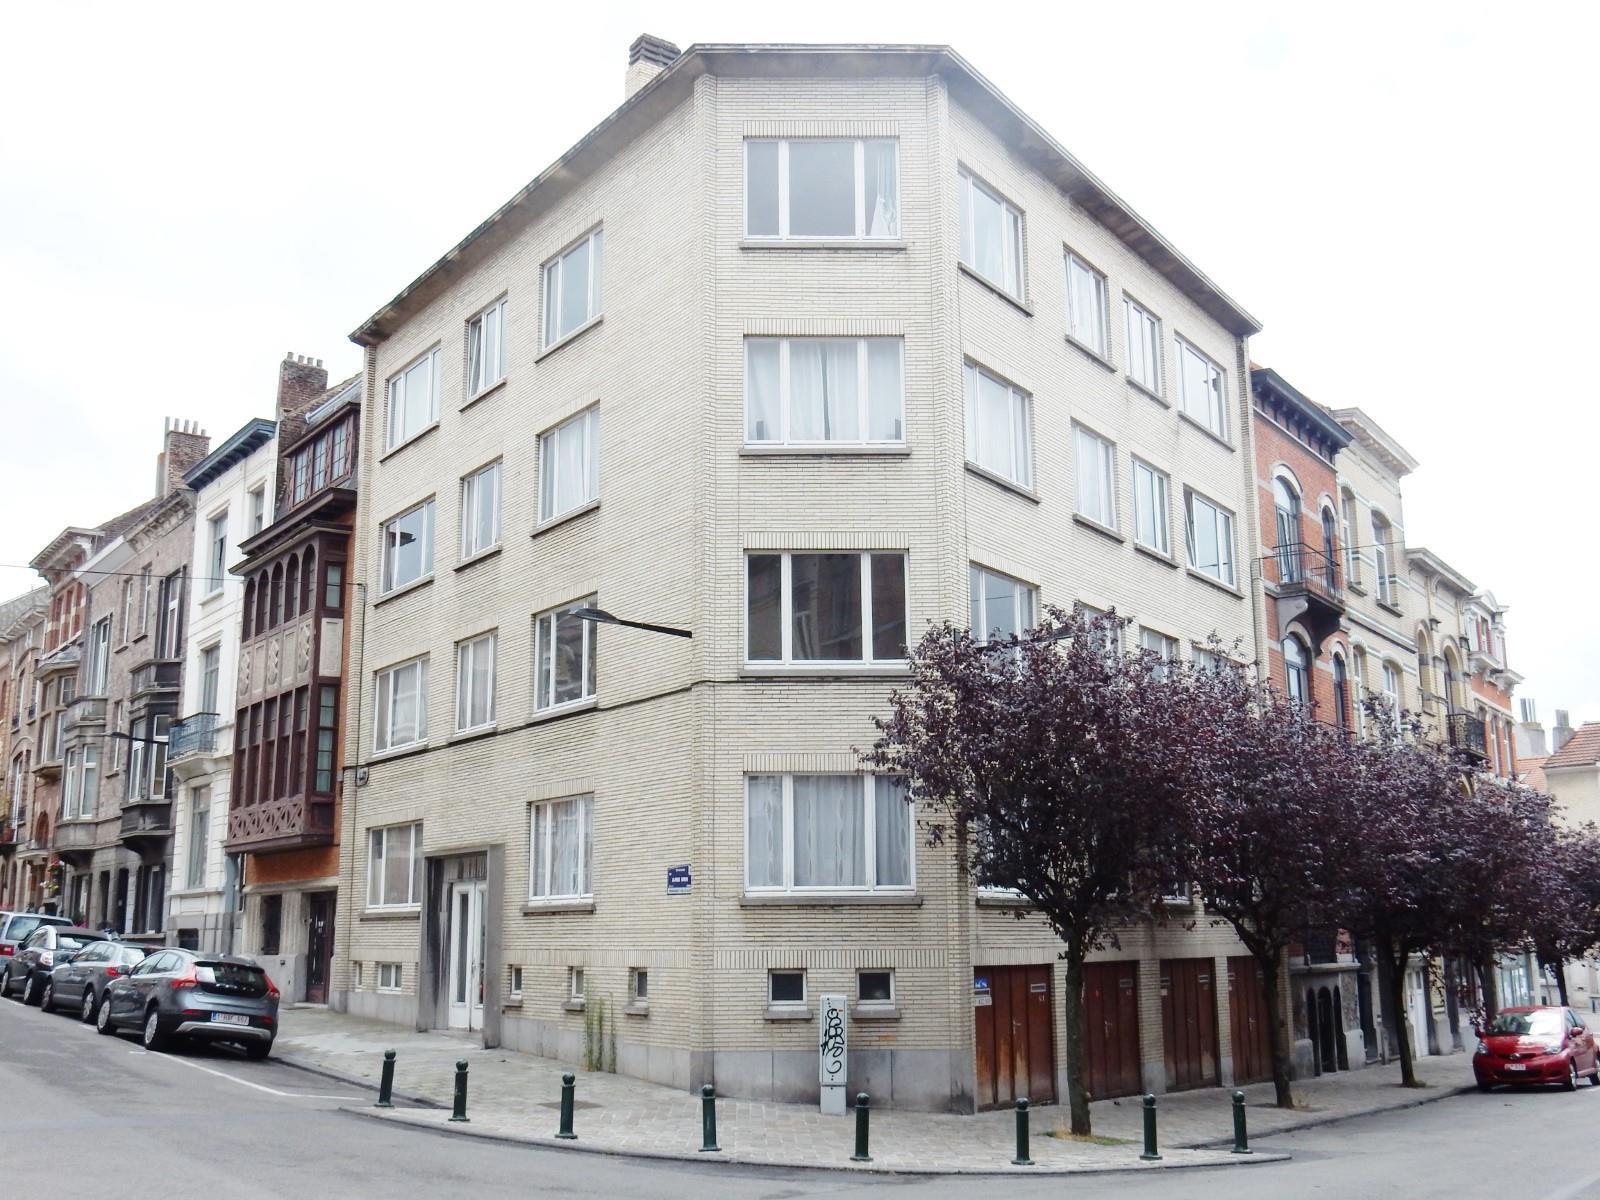 Flat - Ixelles - #3332506-8